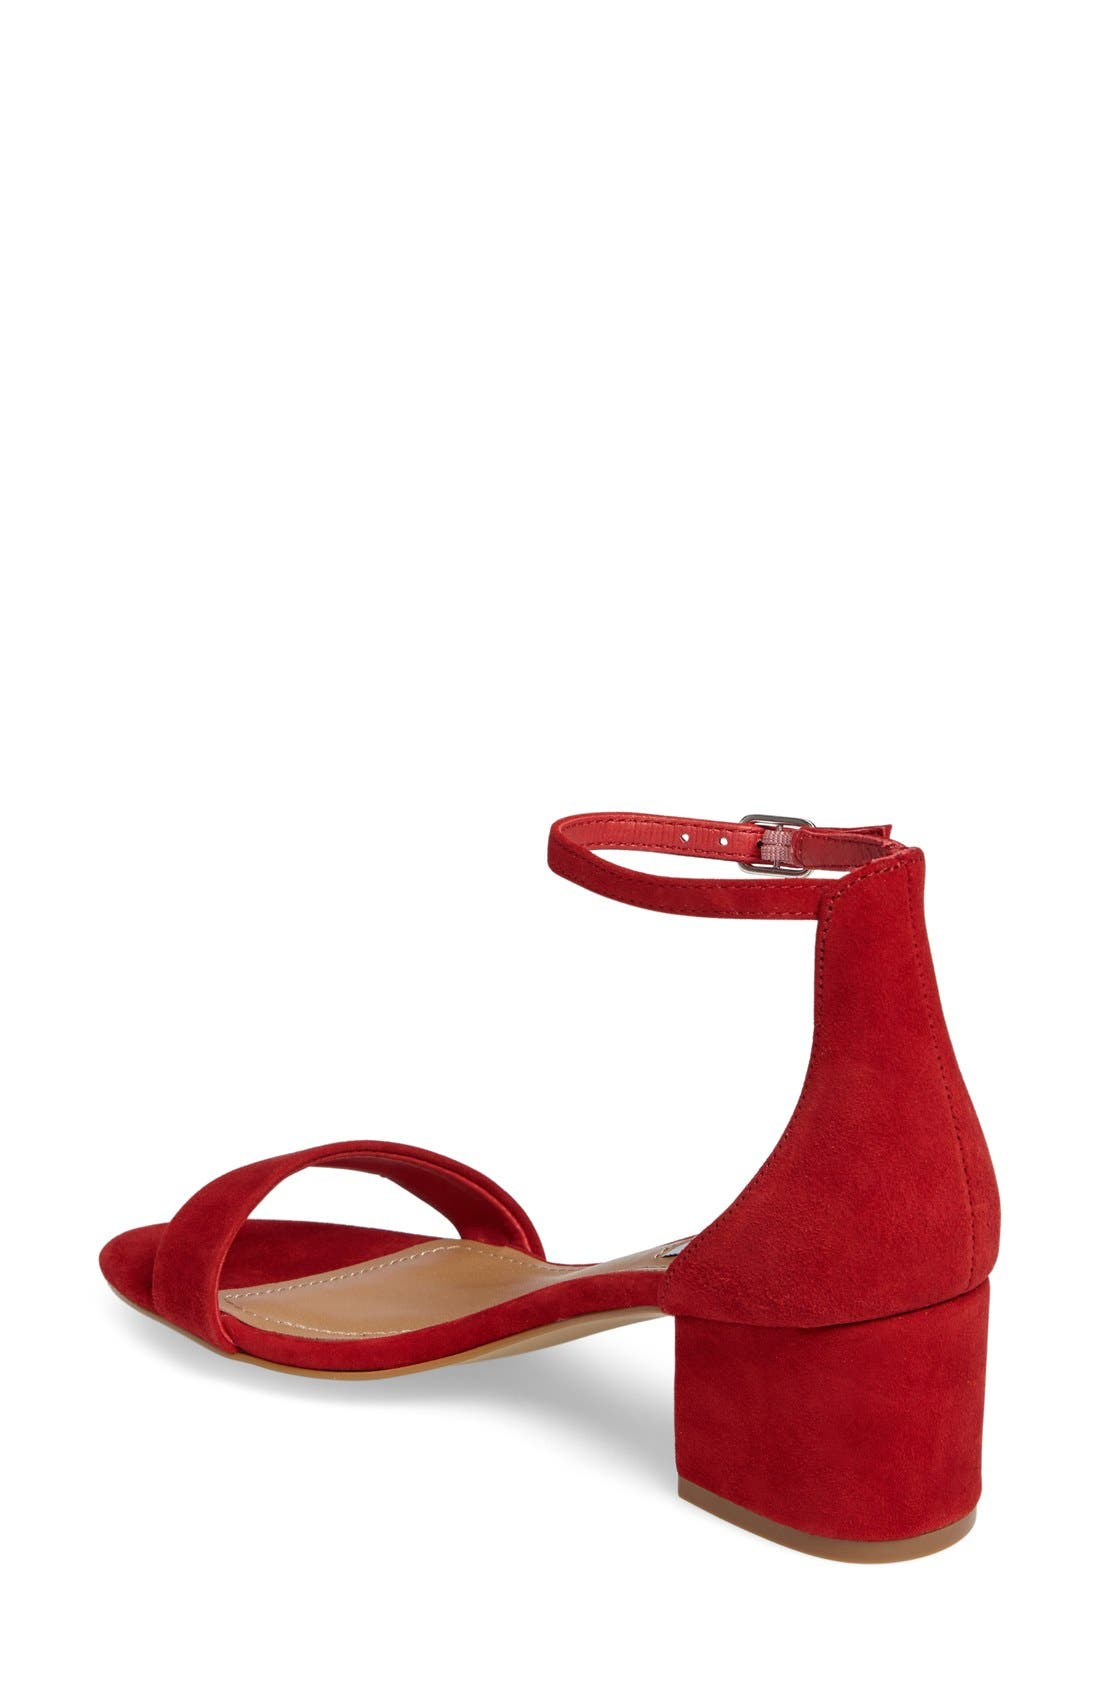 Irenee Ankle Strap Sandal,                             Alternate thumbnail 159, color,